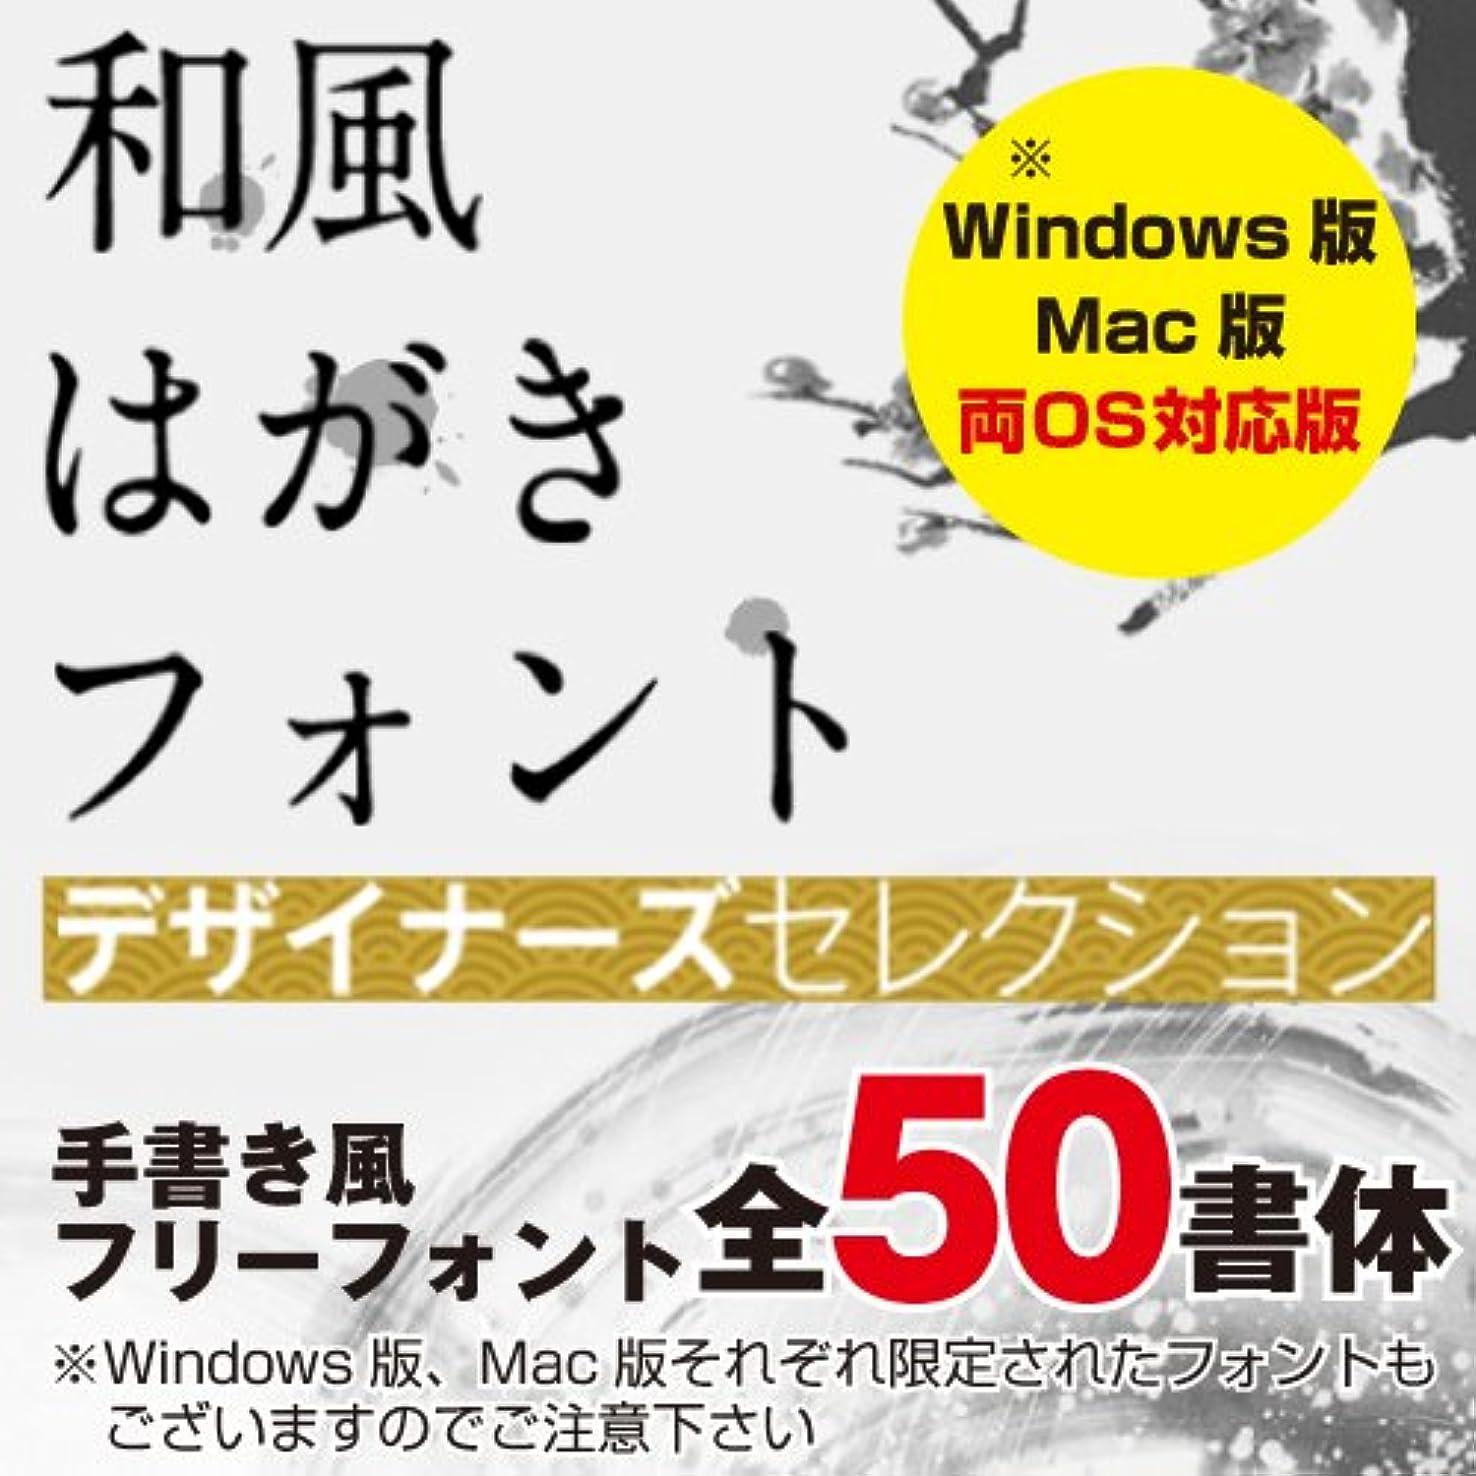 衛星コーン叫び声【美書体】和風はがきフォント for Mac ダウンロード版